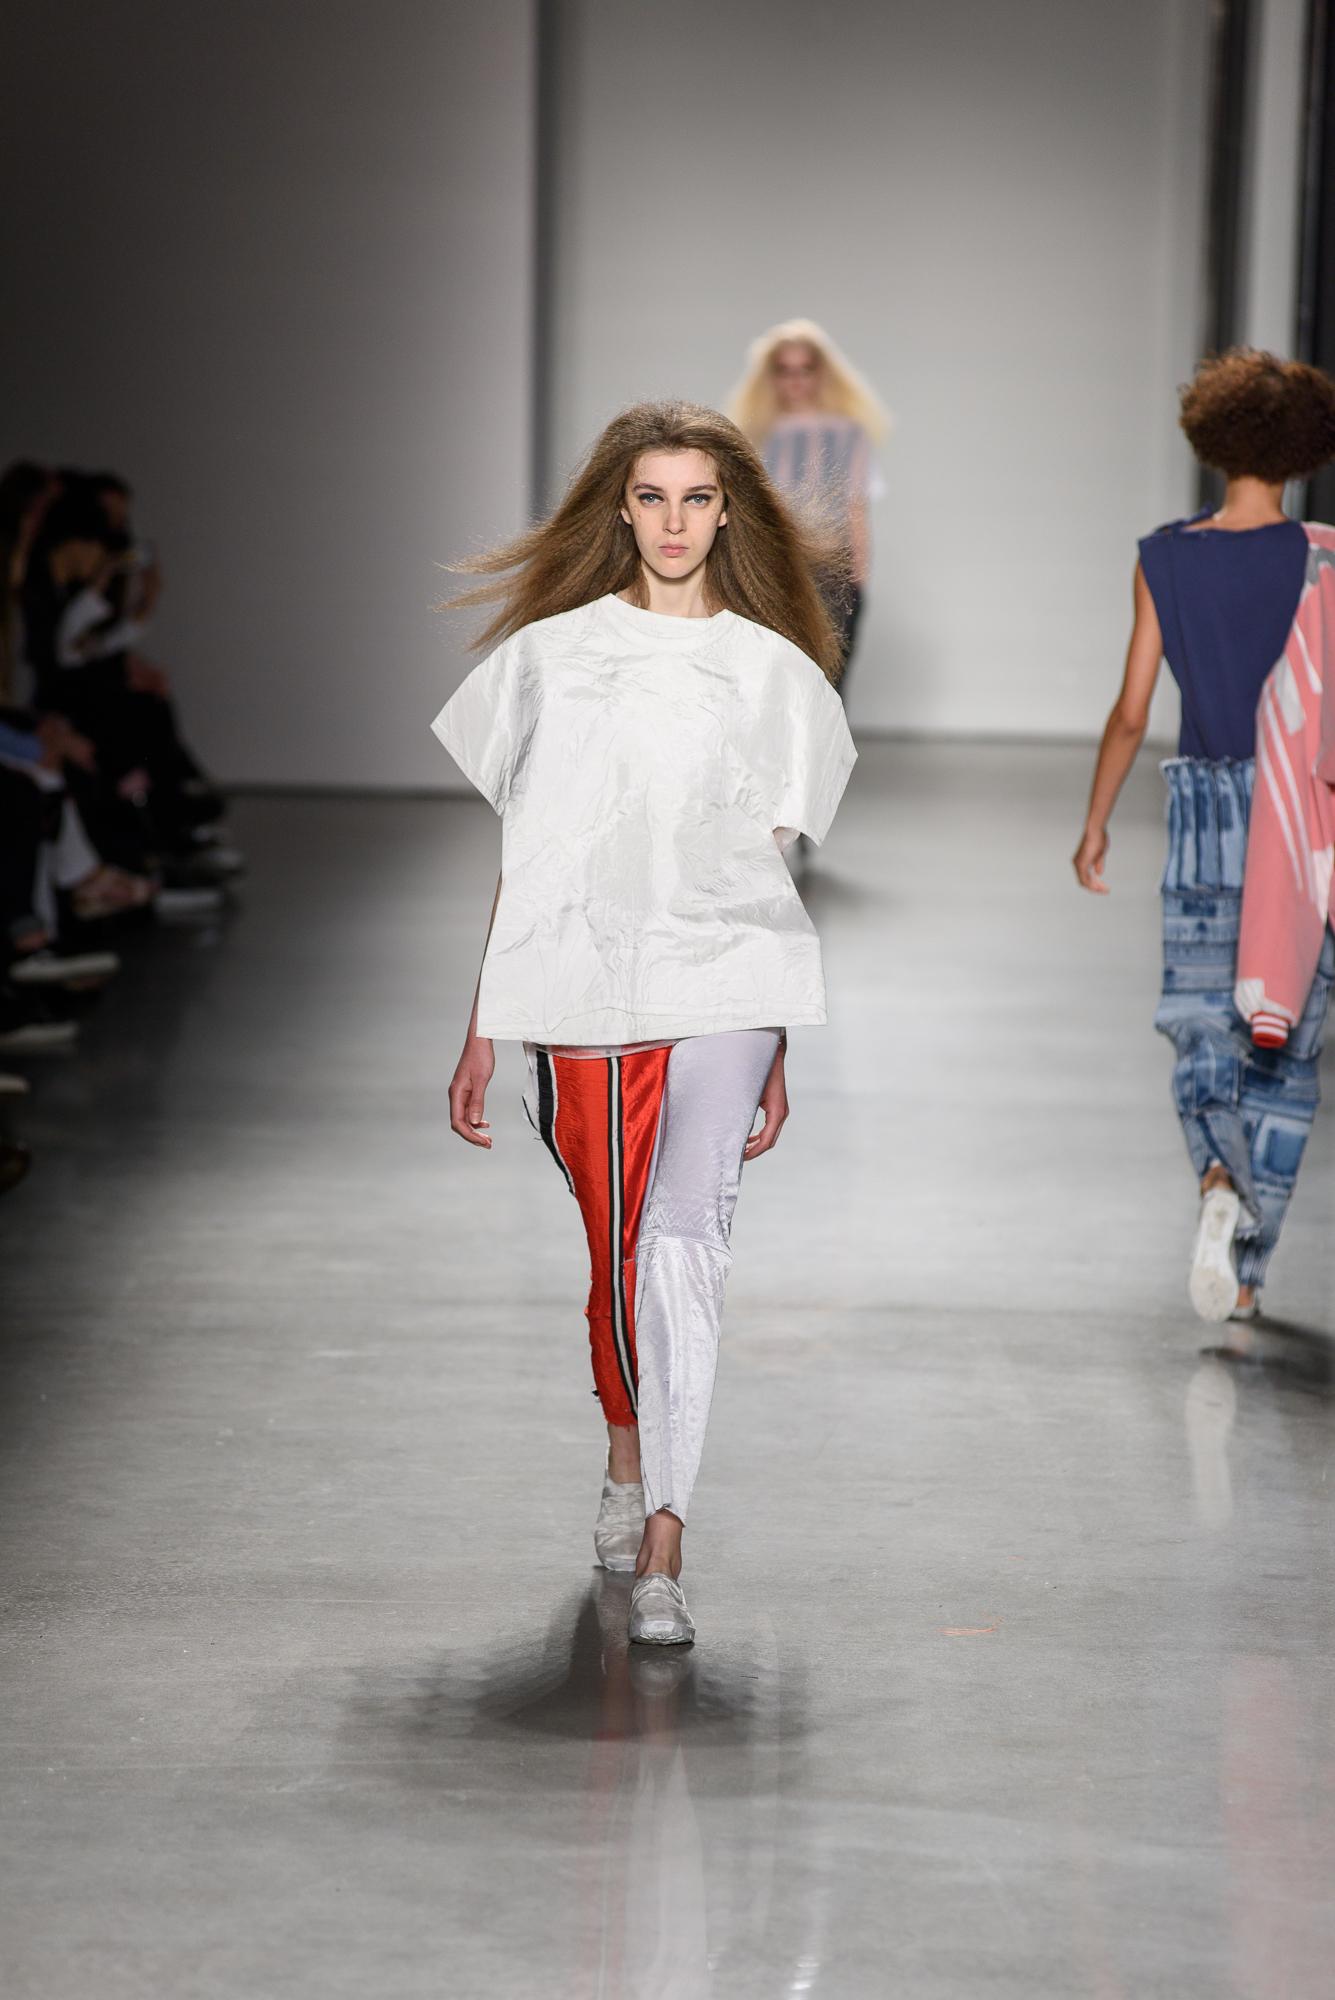 Pratt_Fashion_Show1_2016-Low-Res-607.jpg